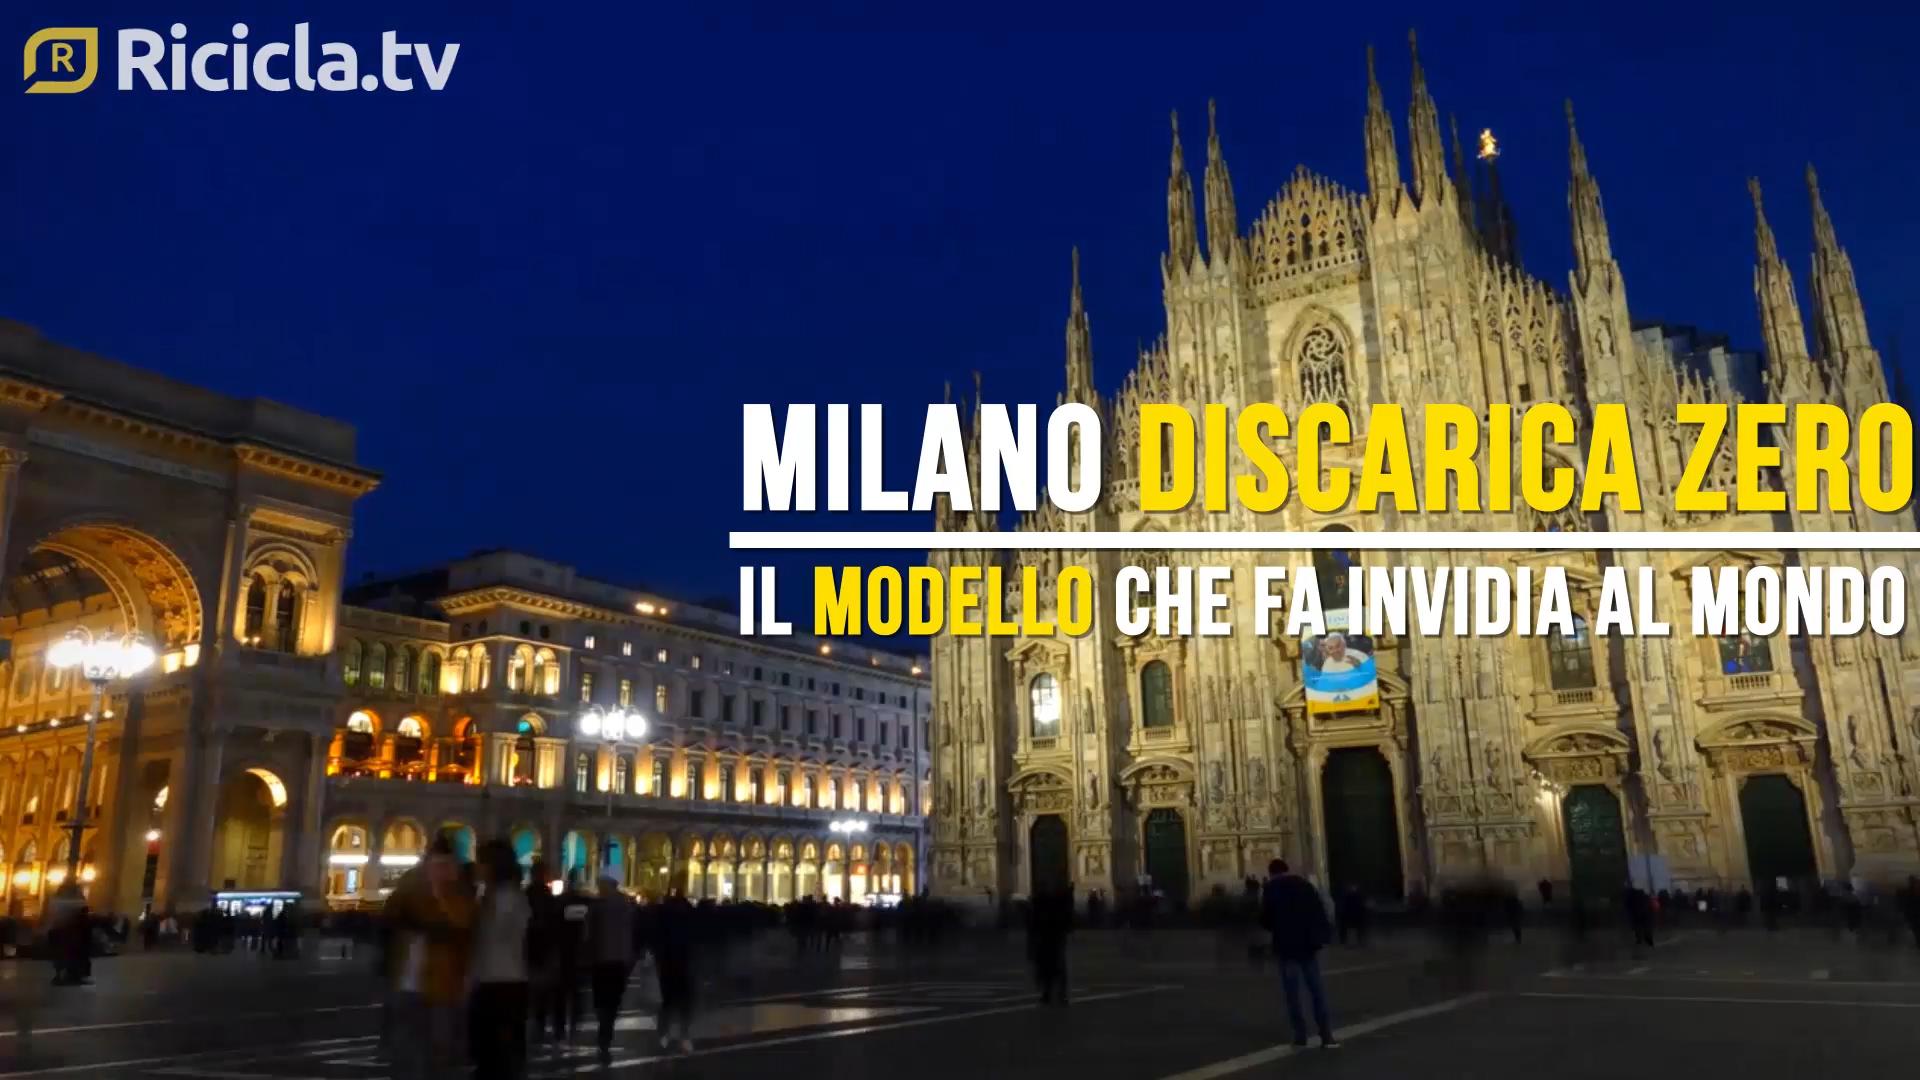 MILANO, DIFFERENZIATA AL 56% E VALORIZZAZIONE ENERGETICA: LA RICETTA DELL'EFFICIENZA